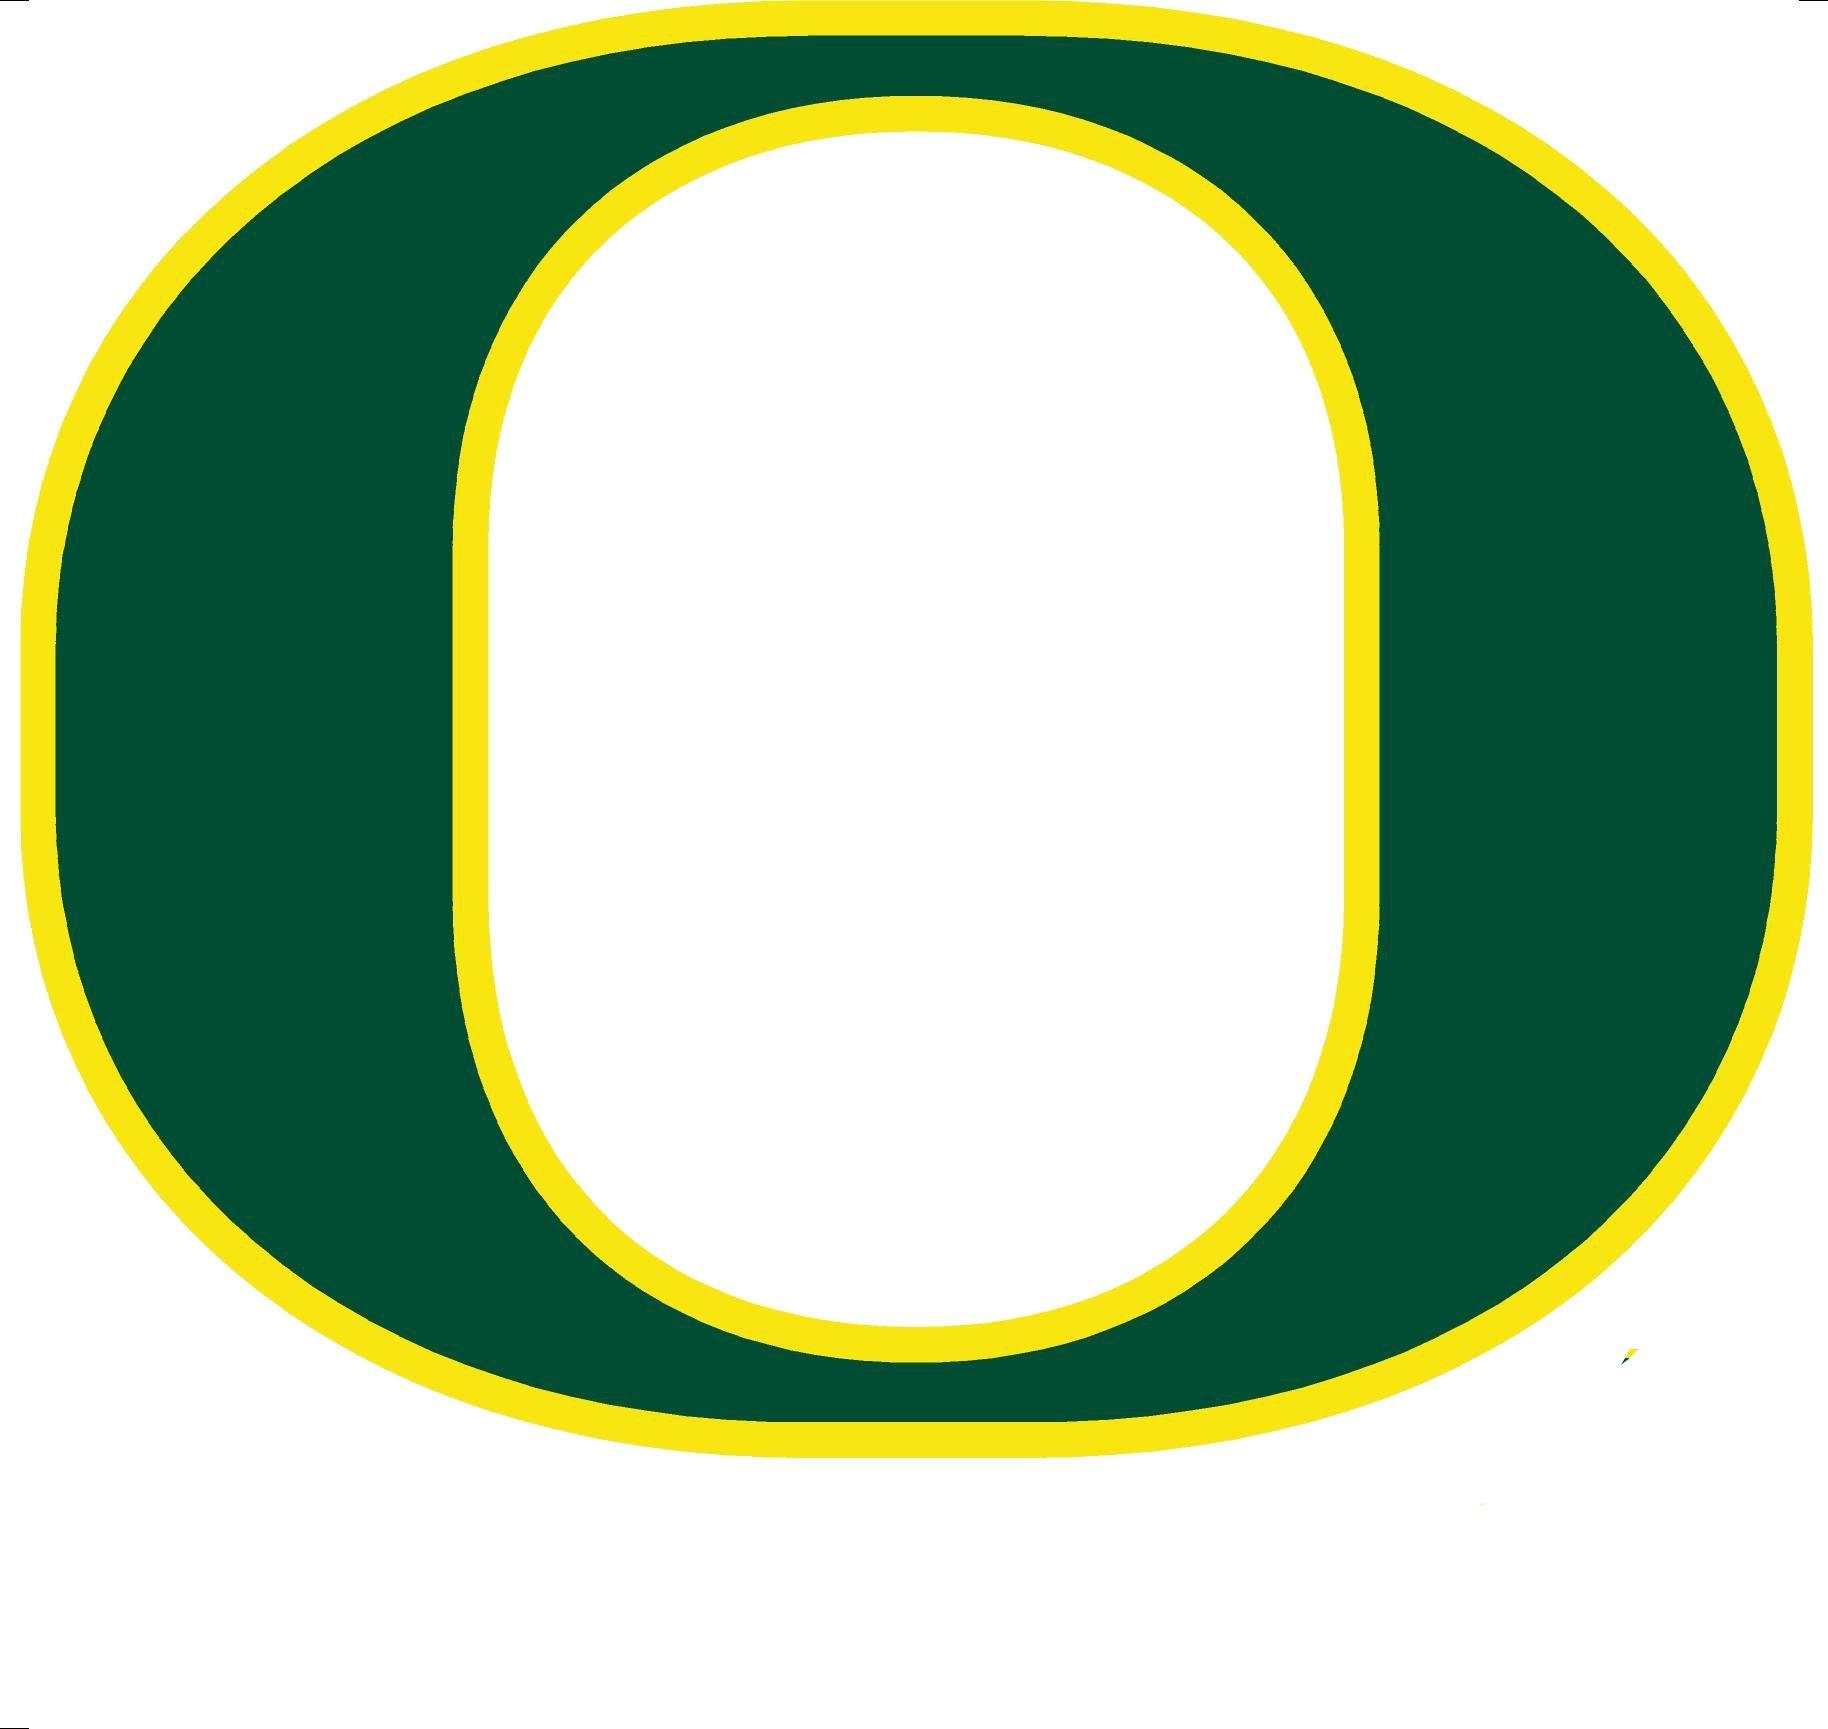 Oregon Ducks.